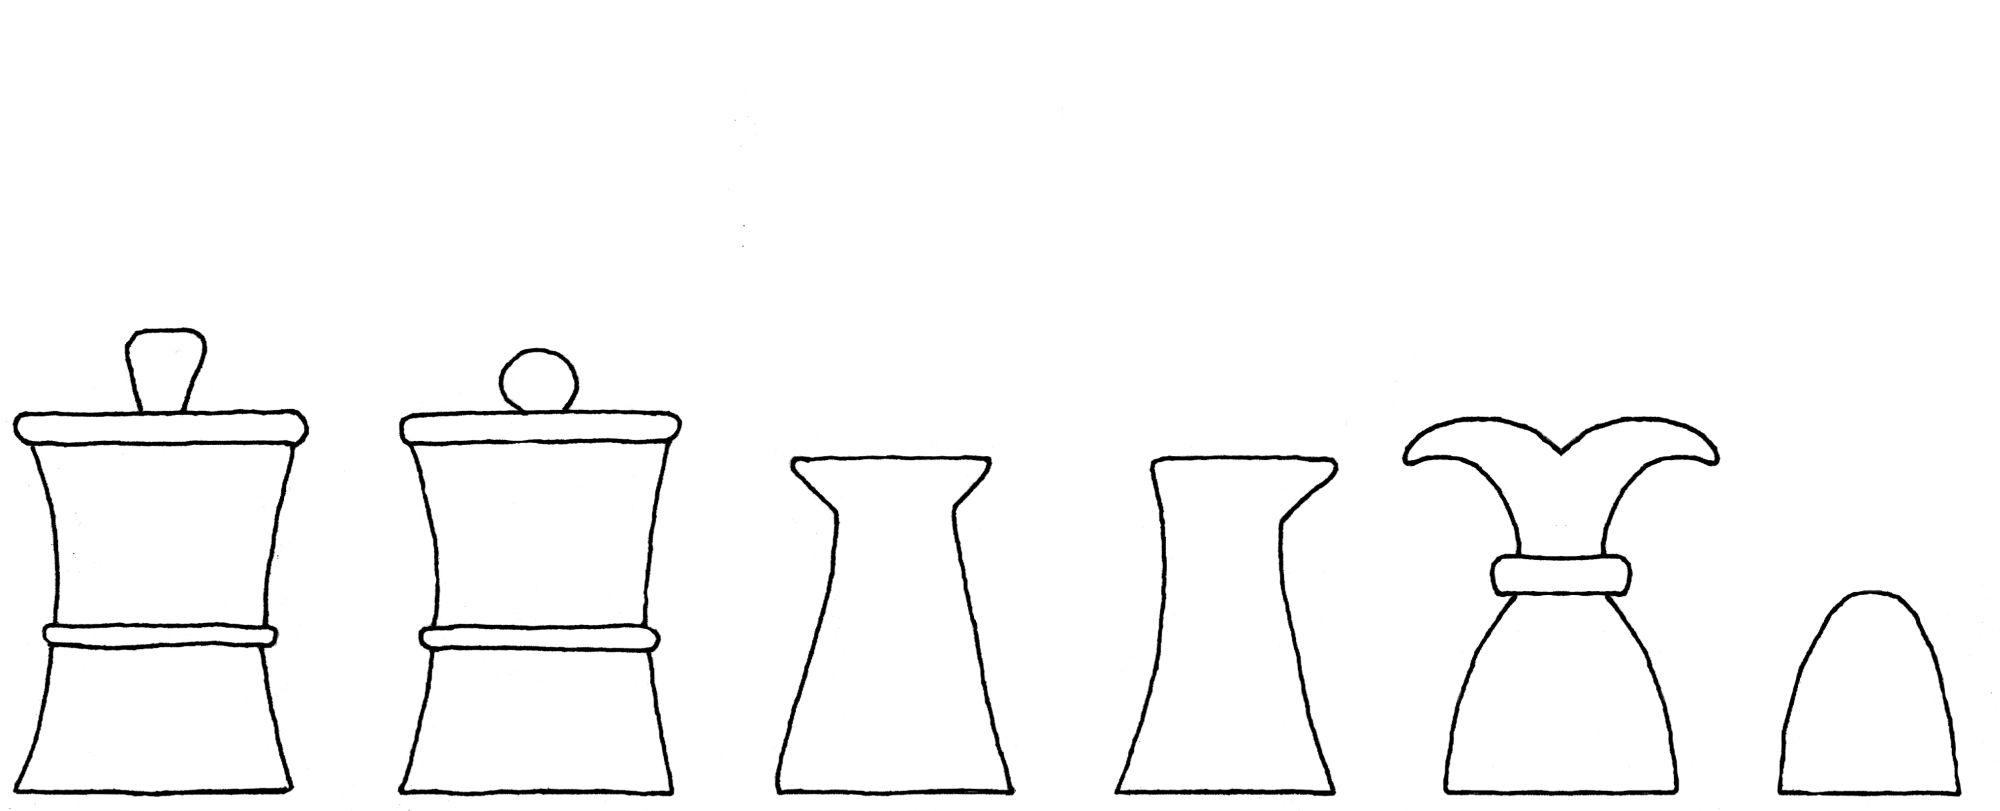 Solacium ludi scaccorum chess set interpretive diagram